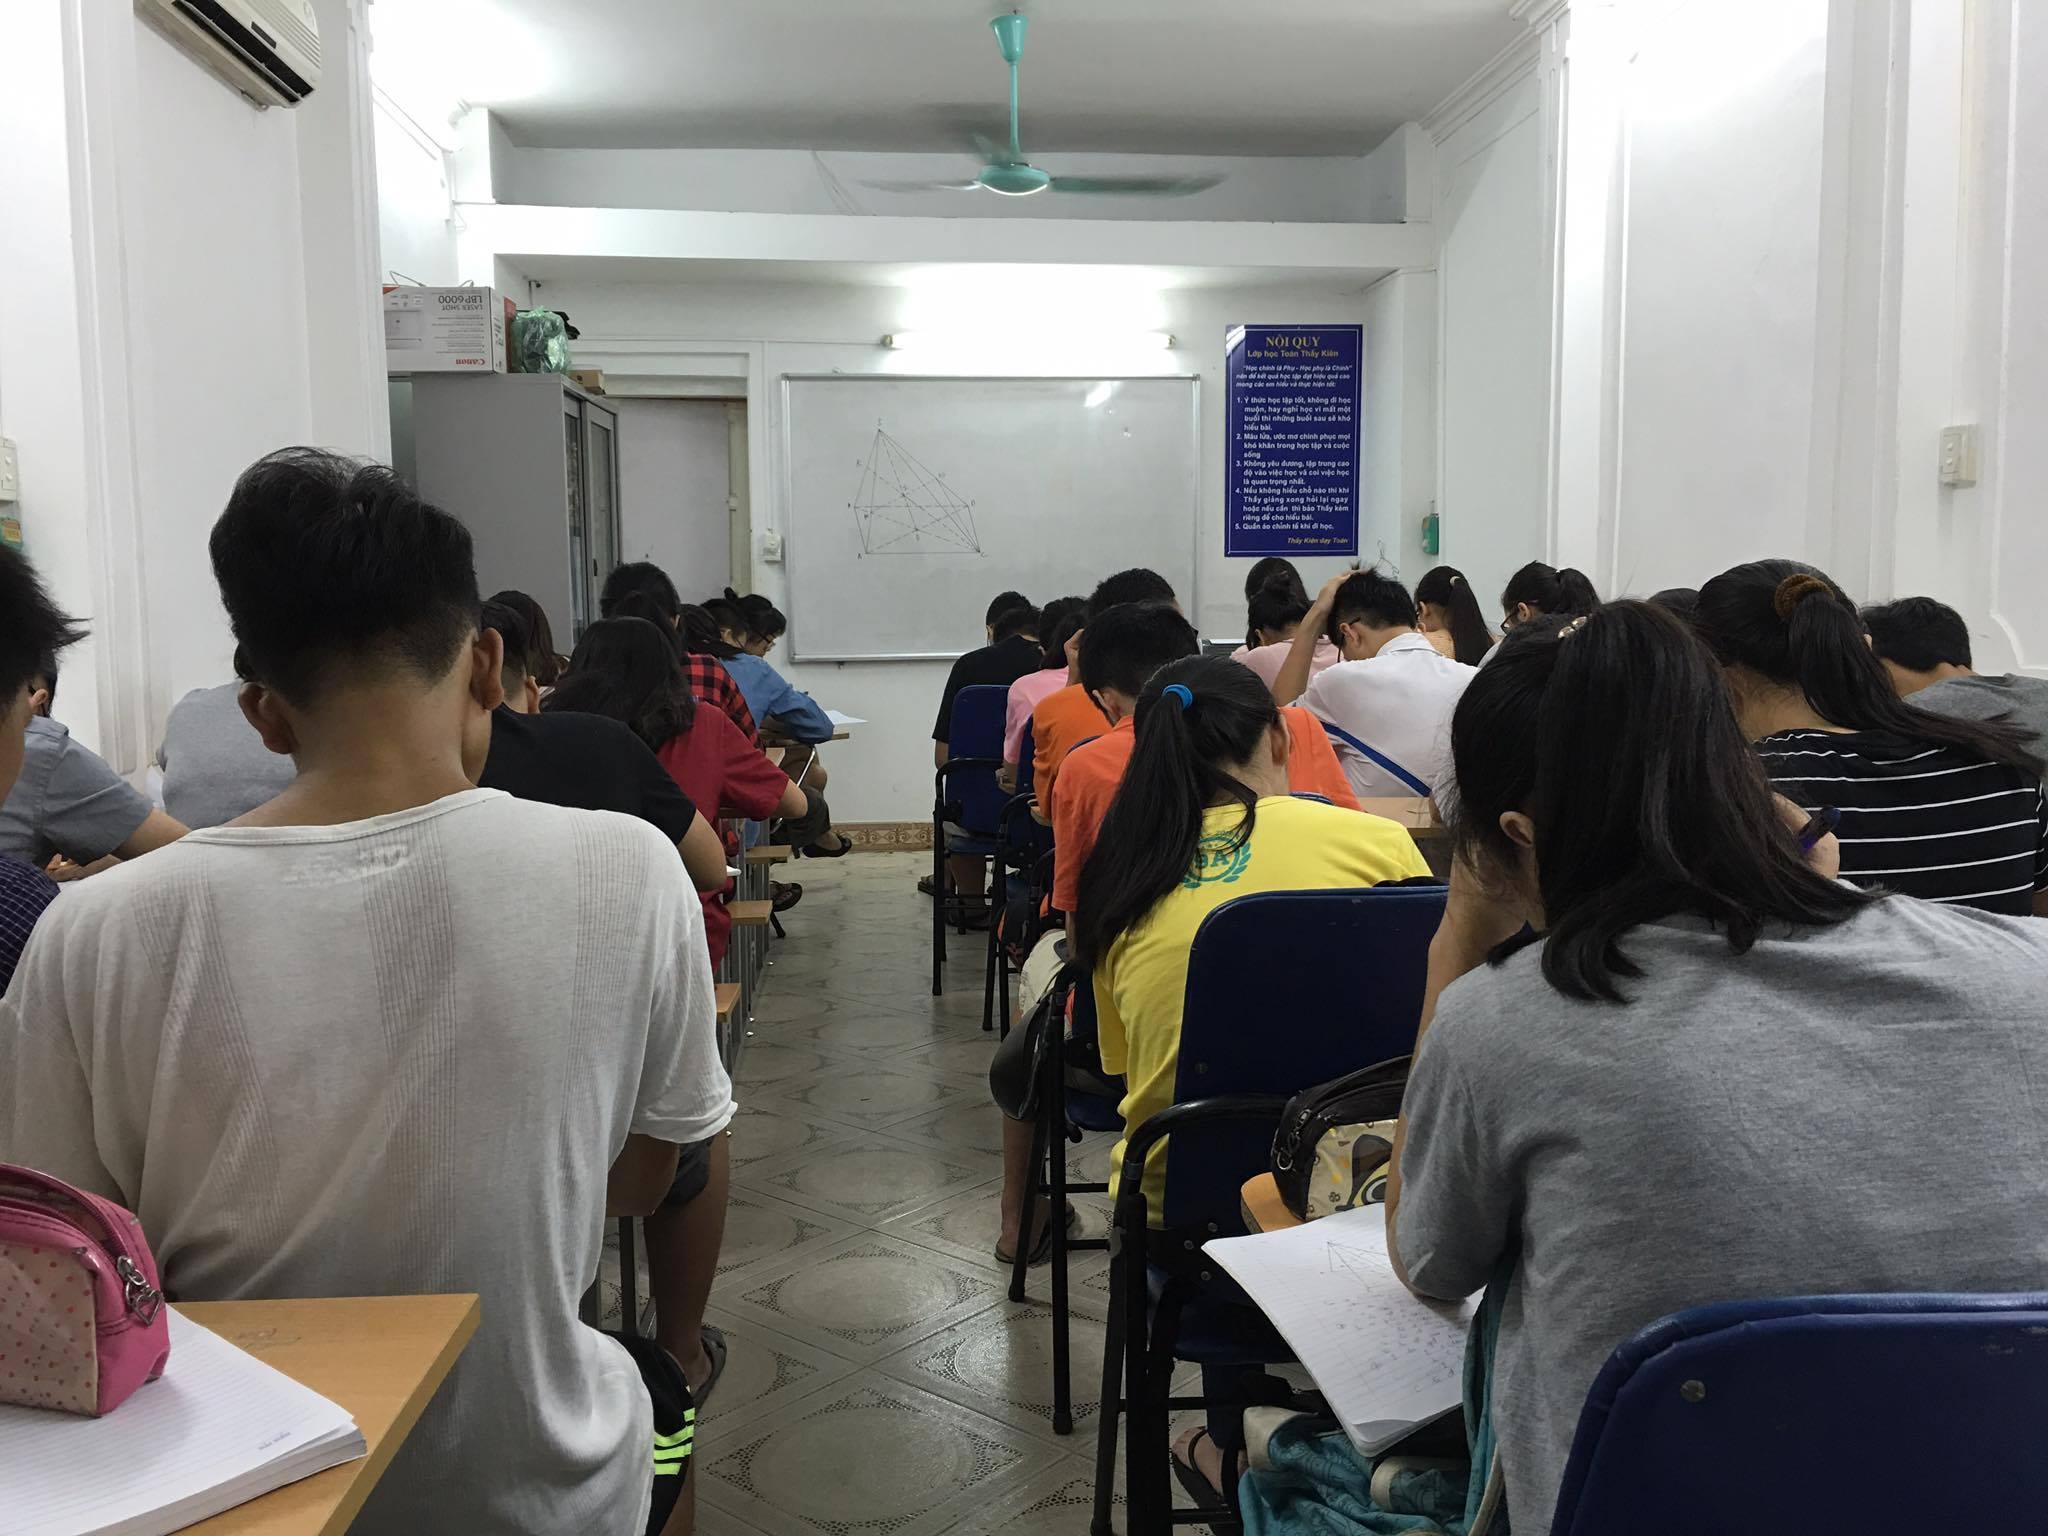 Cộng đồng mạng - Người thầy khơi dậy đam mê những con số cho học sinh nghèo (Hình 2).